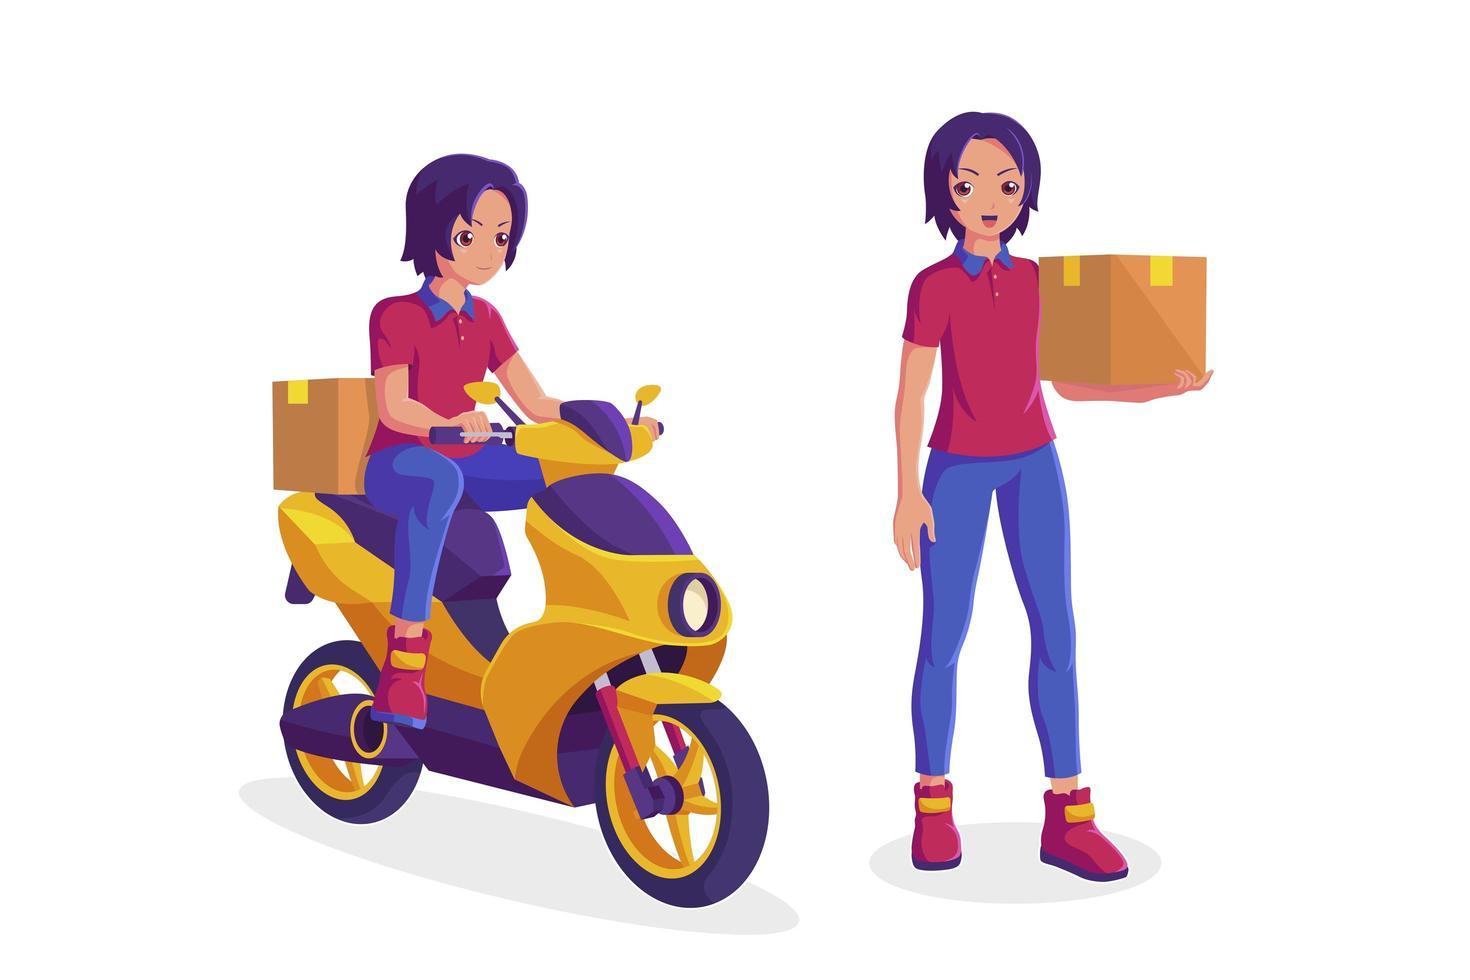 courrier de livraison moto et boîte de maintien vecteur